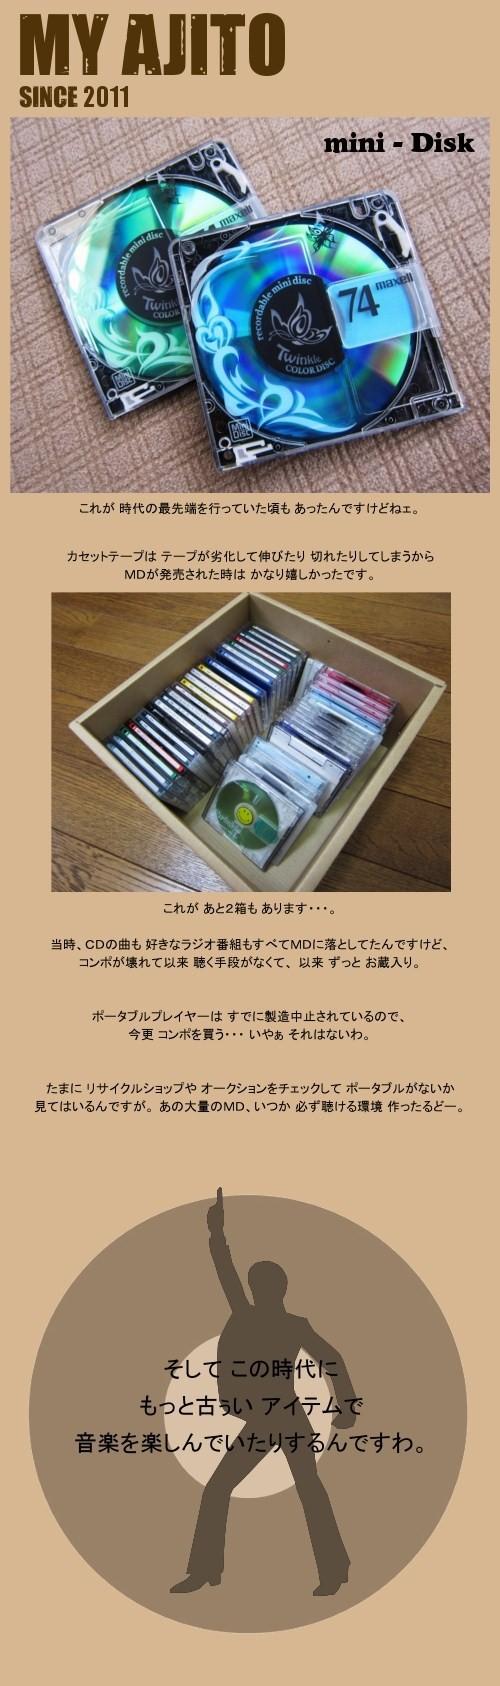 reco_04.jpg